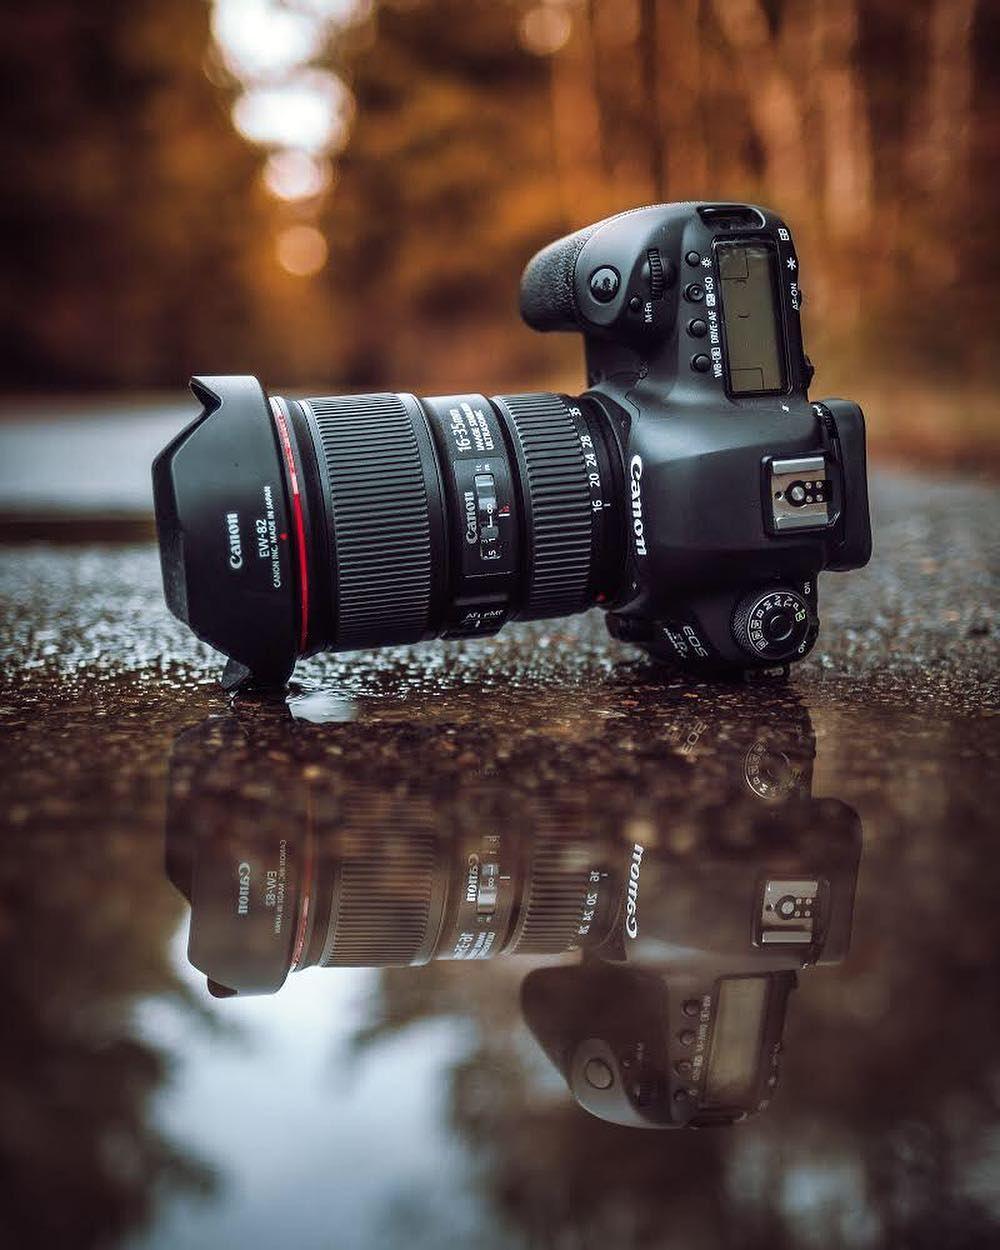 Canon Espana On Instagram Cual Es Tu Objetivo Gran Angular De Canon Favorito Cuentanoslo En Los Comentarios Fotograf Wide Angle Lens Eos Canon 5d Mark Iv